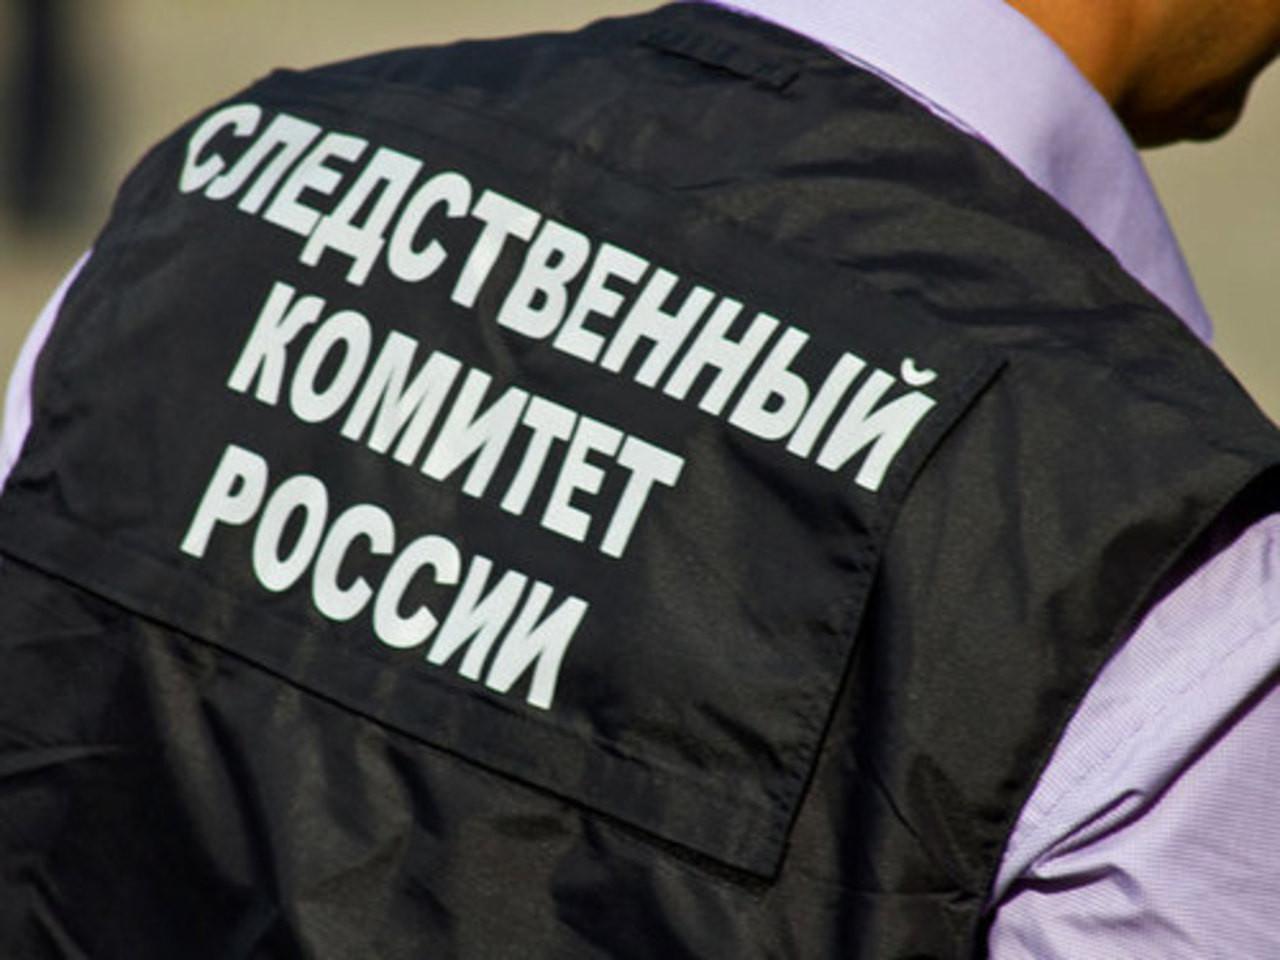 Автоледи вБелгороде непустила машину скорой помощи сонкобольной внутри